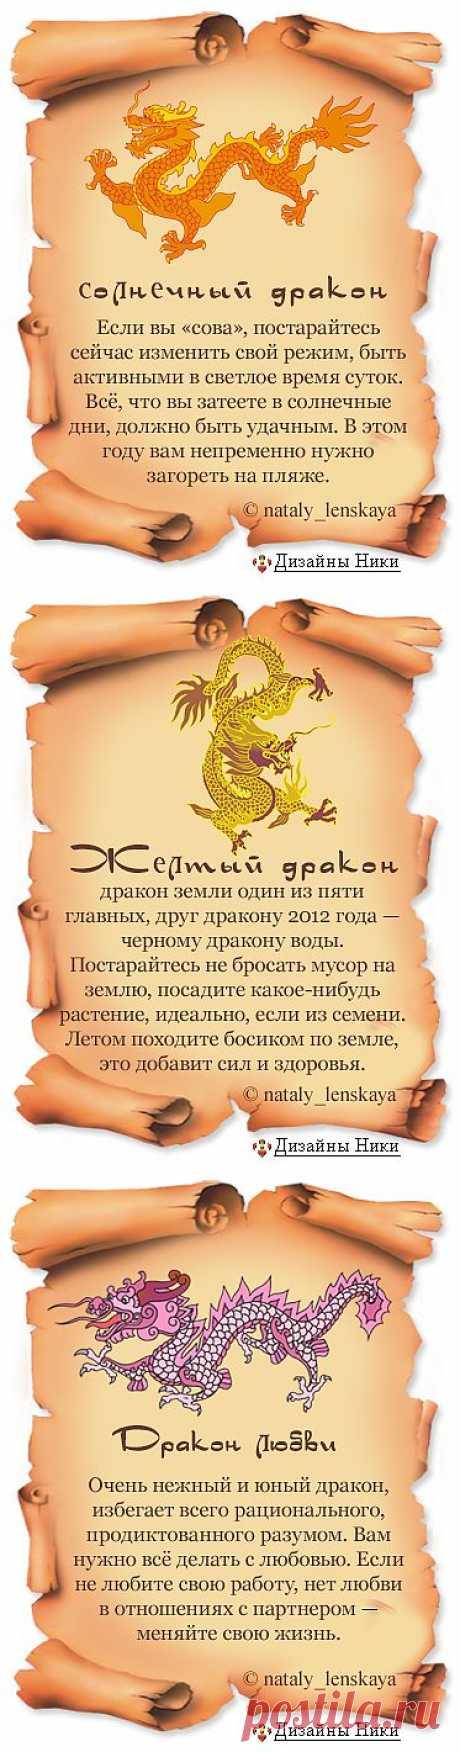 Какой дракон ваш?